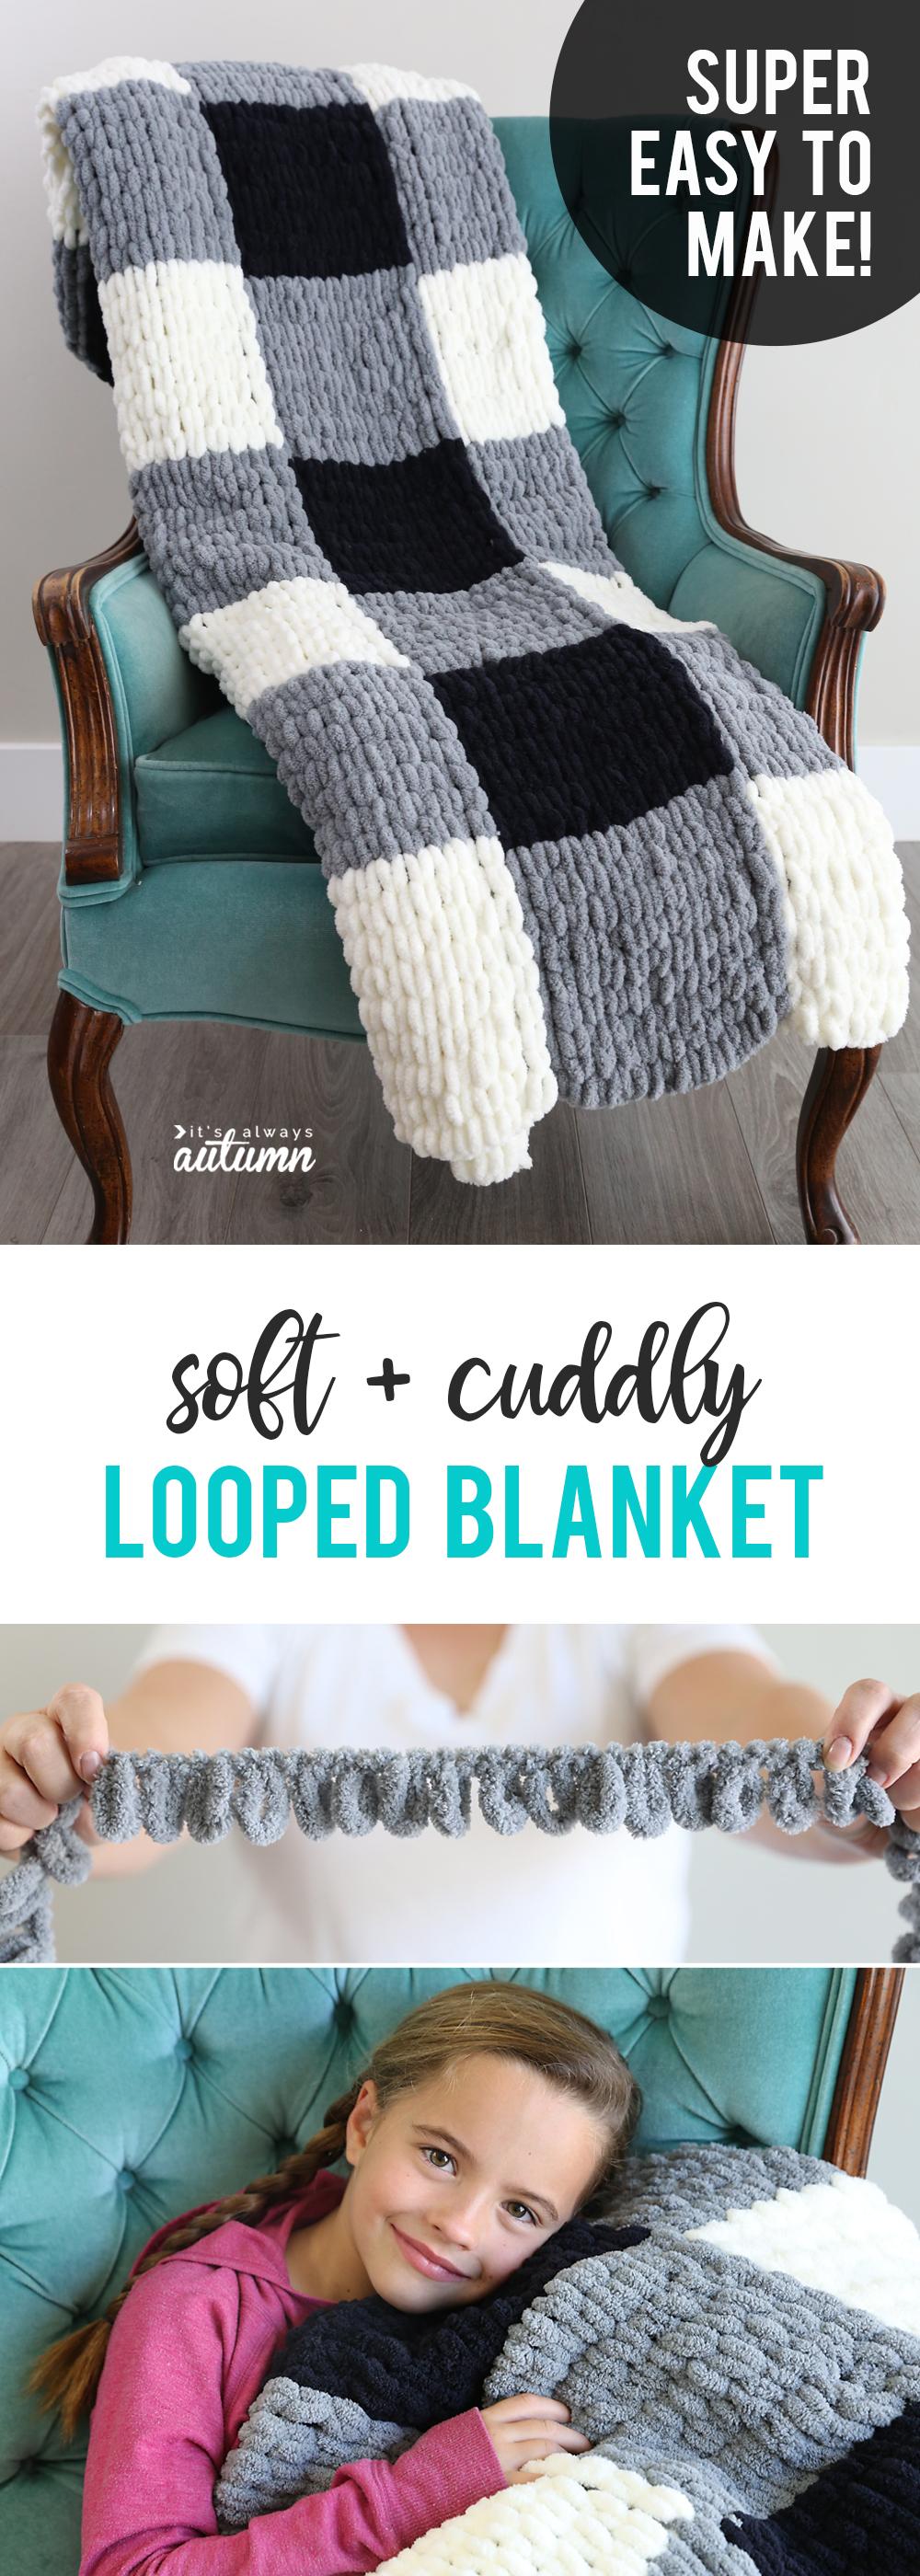 Soft and cuddly loop yarn blanket